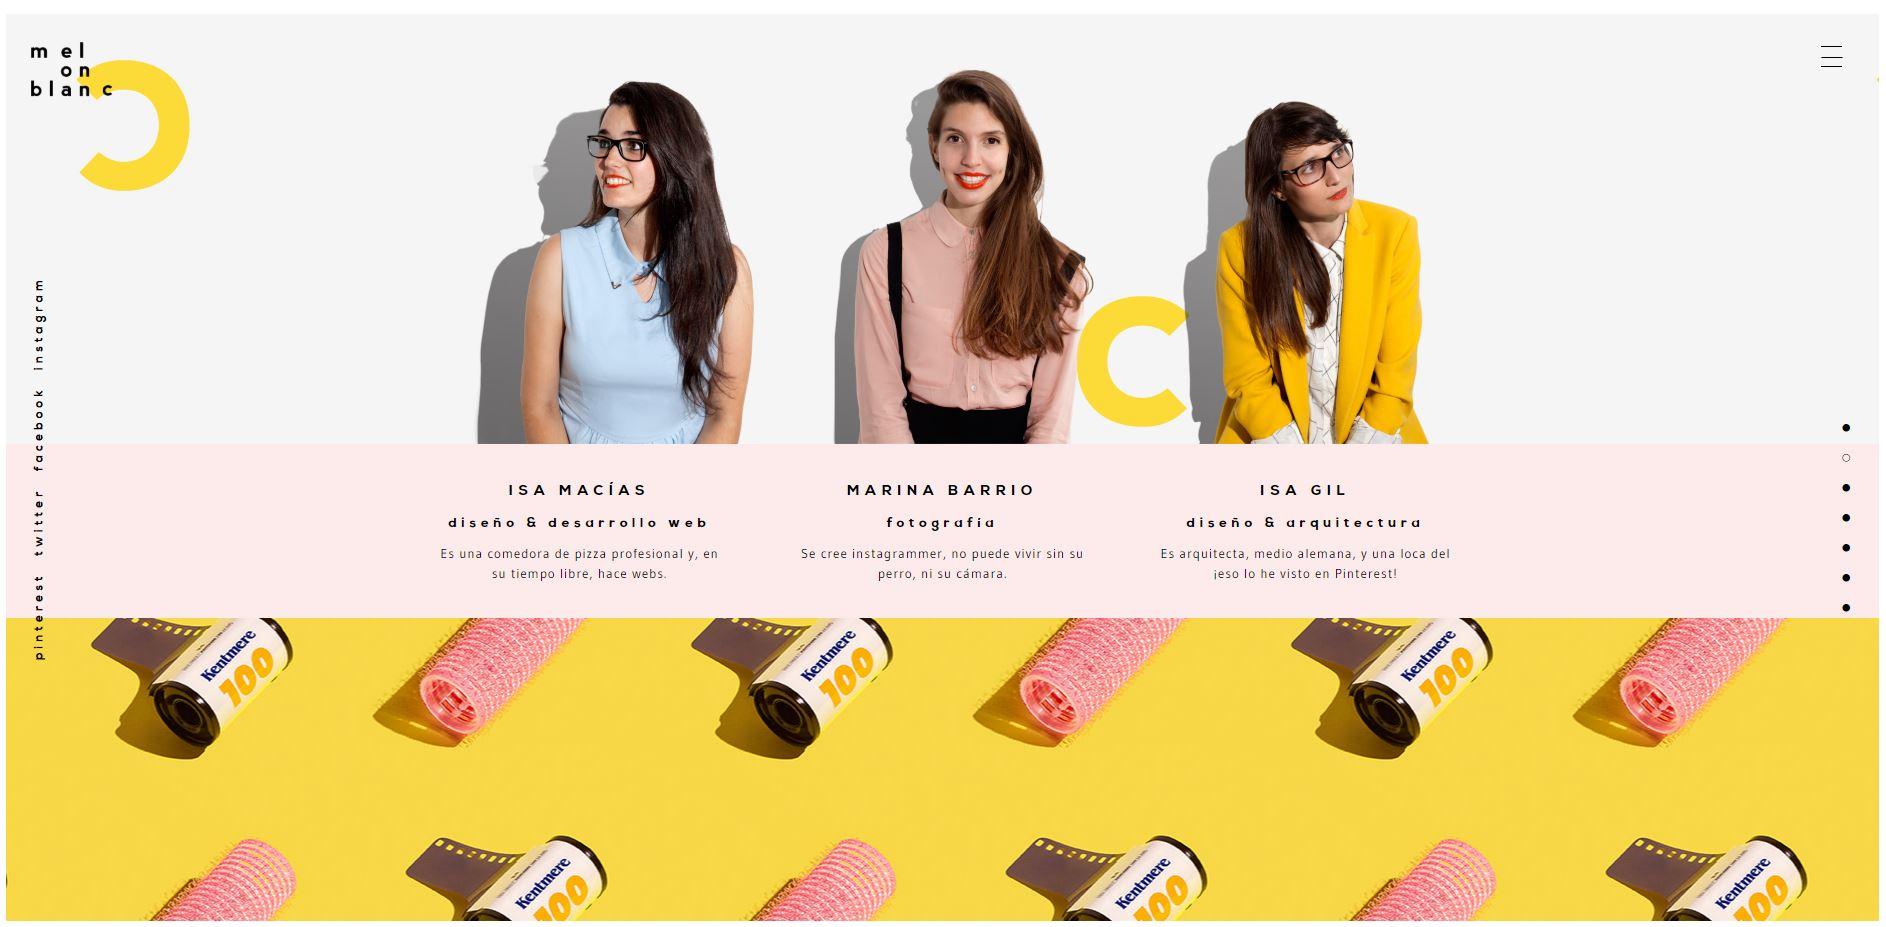 mujeres-artistas-melonblanc-diseño